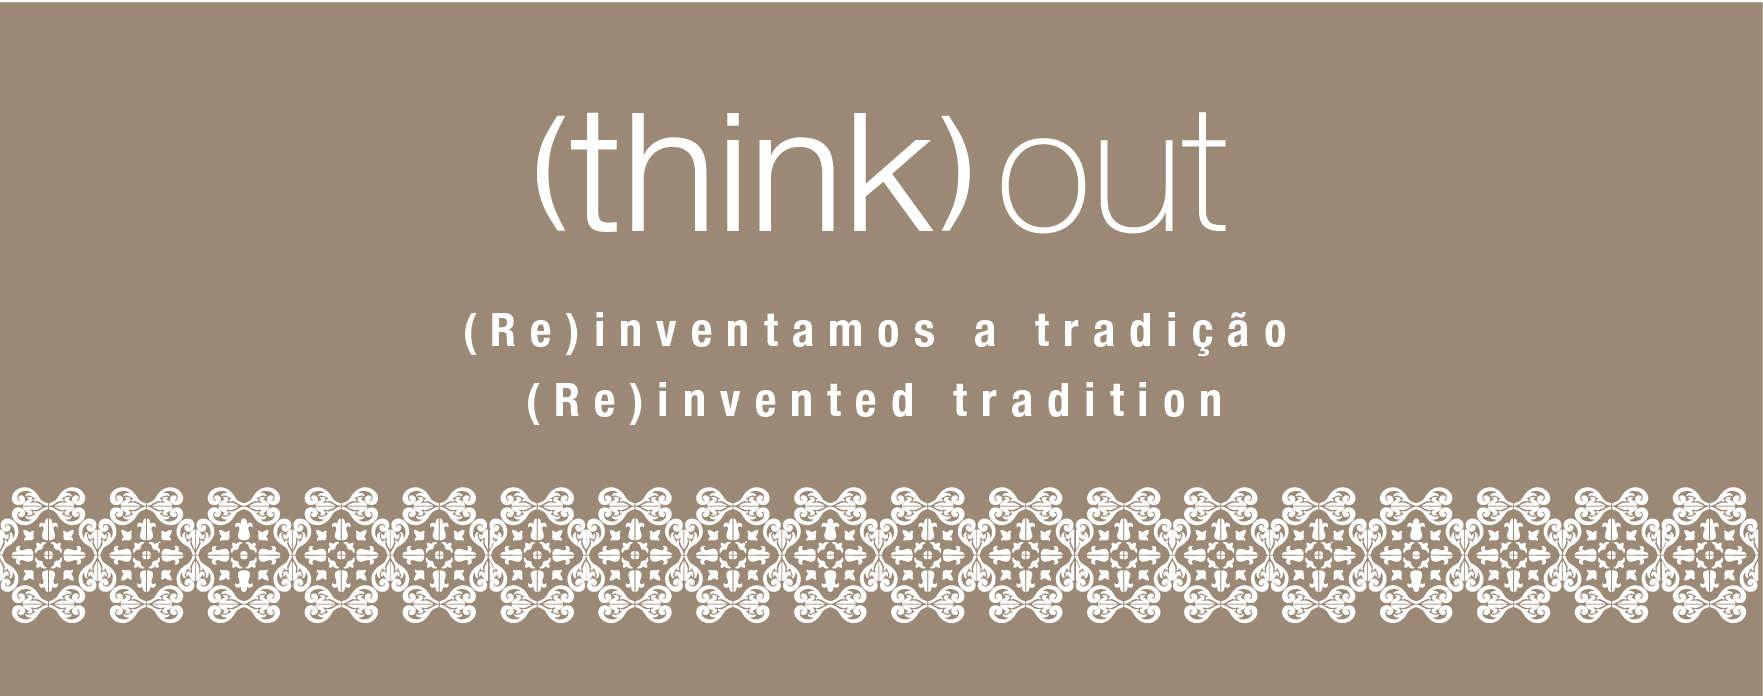 (Re)inventamos a tradição - (Re)invented tradition